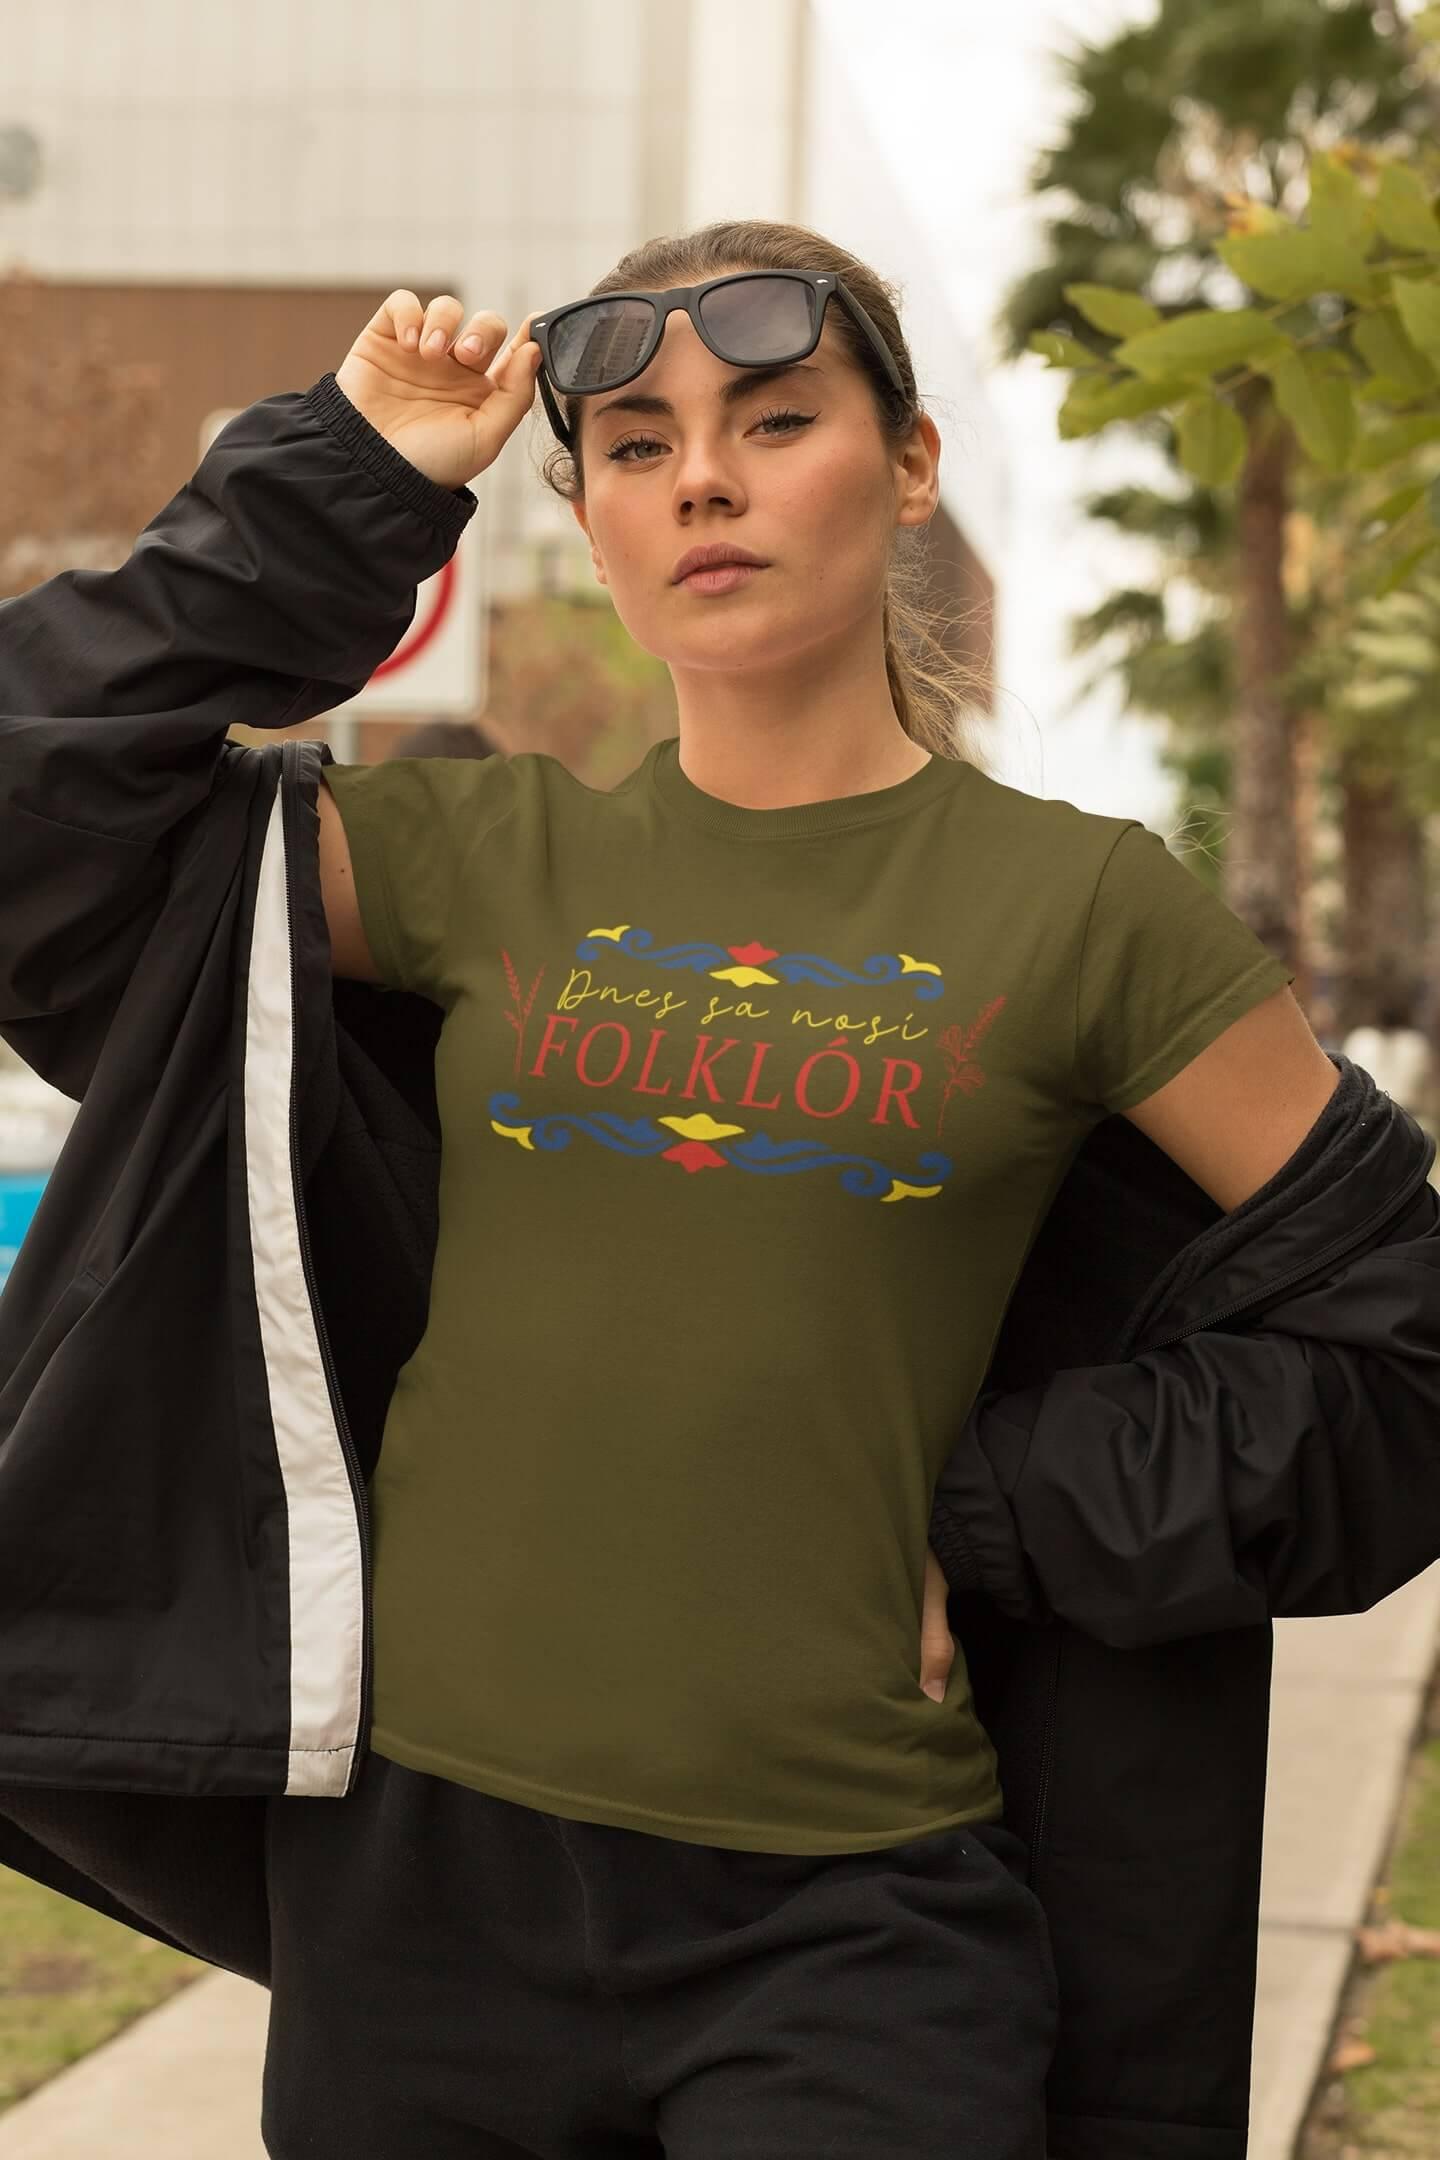 MMO Dámske tričko dnes sa nosí folklór Vyberte farbu: Khaki, Vyberte veľkosť: S